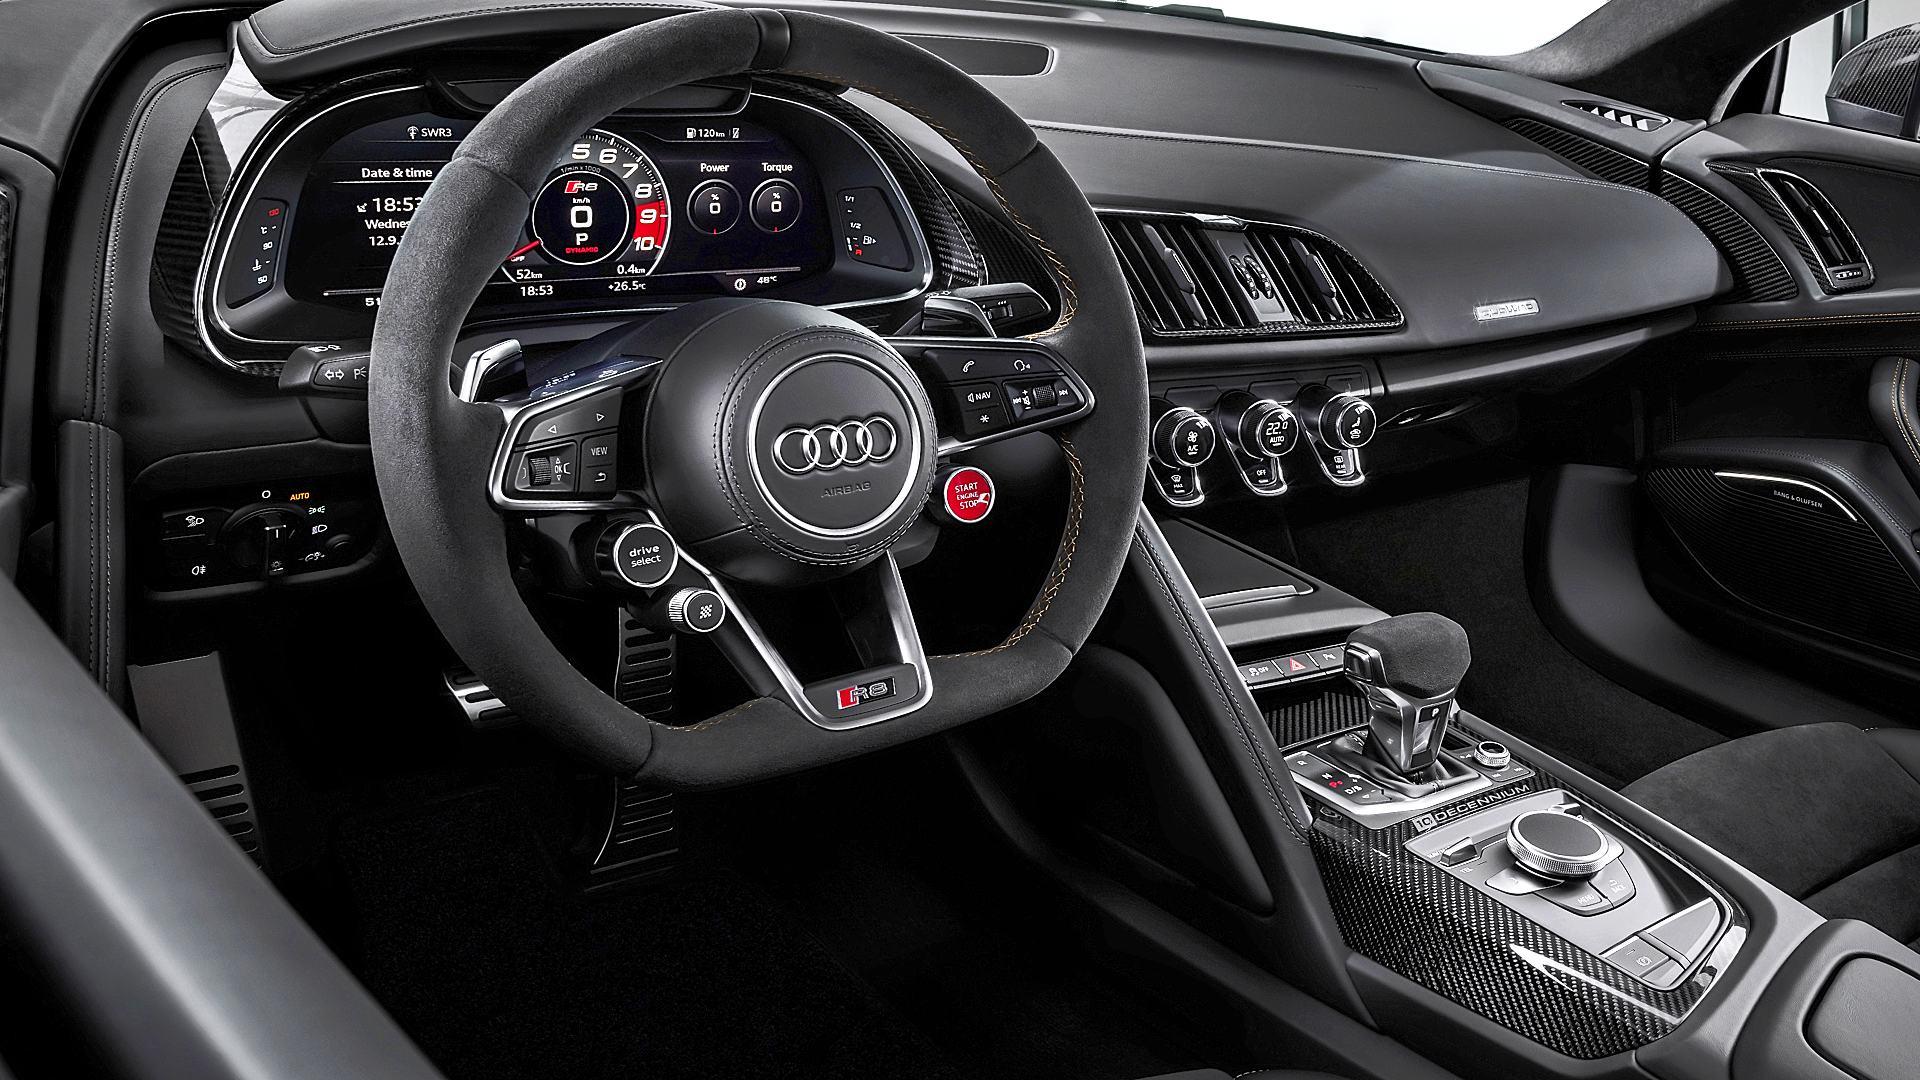 2020 Audi R8 V10 Decennium Interior Images